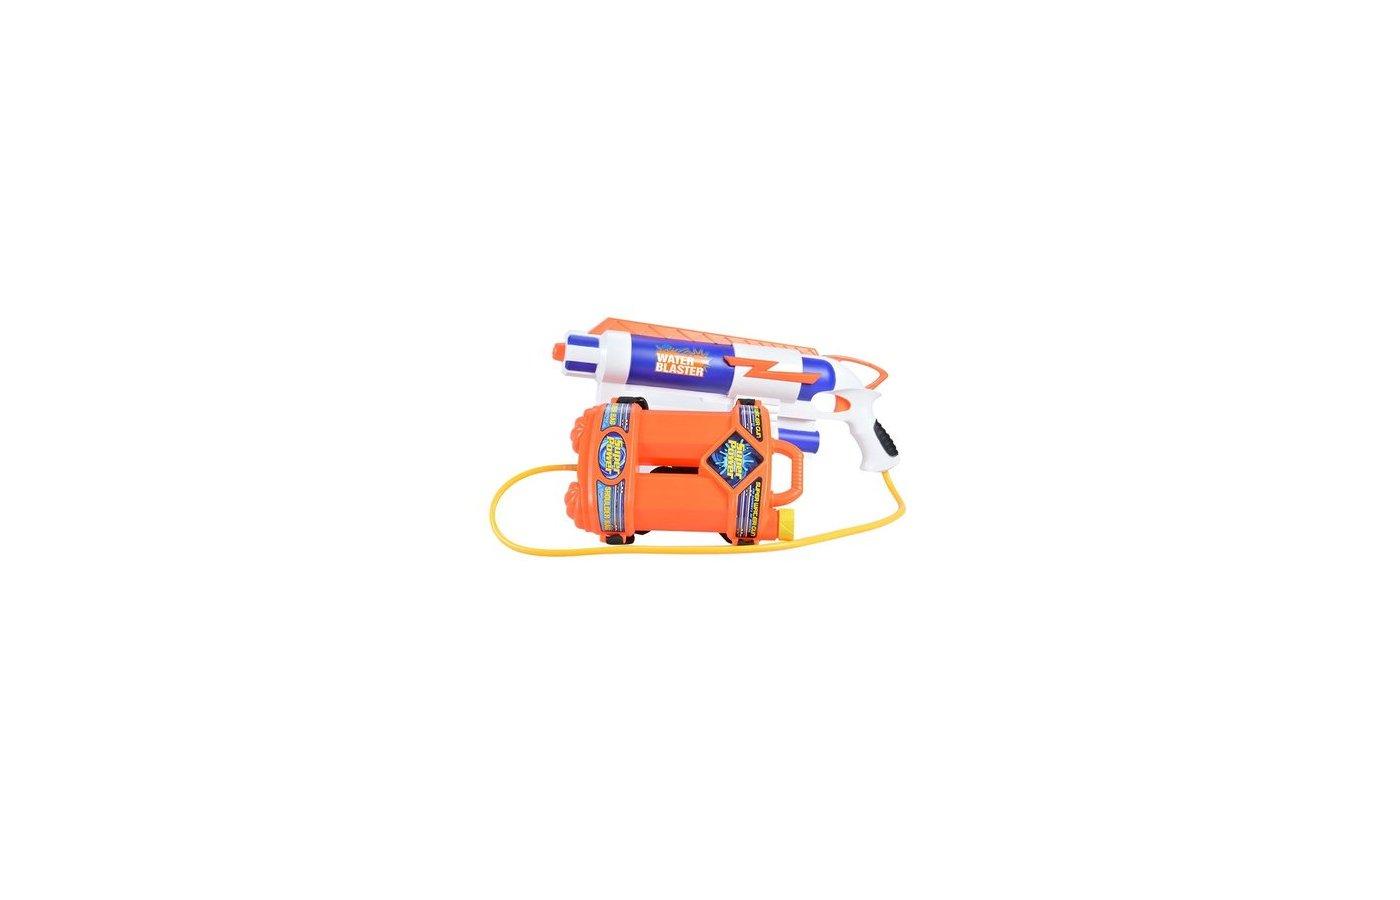 Игрушка Bebelot BEB1106-040 водный бластер Турбо. Десант